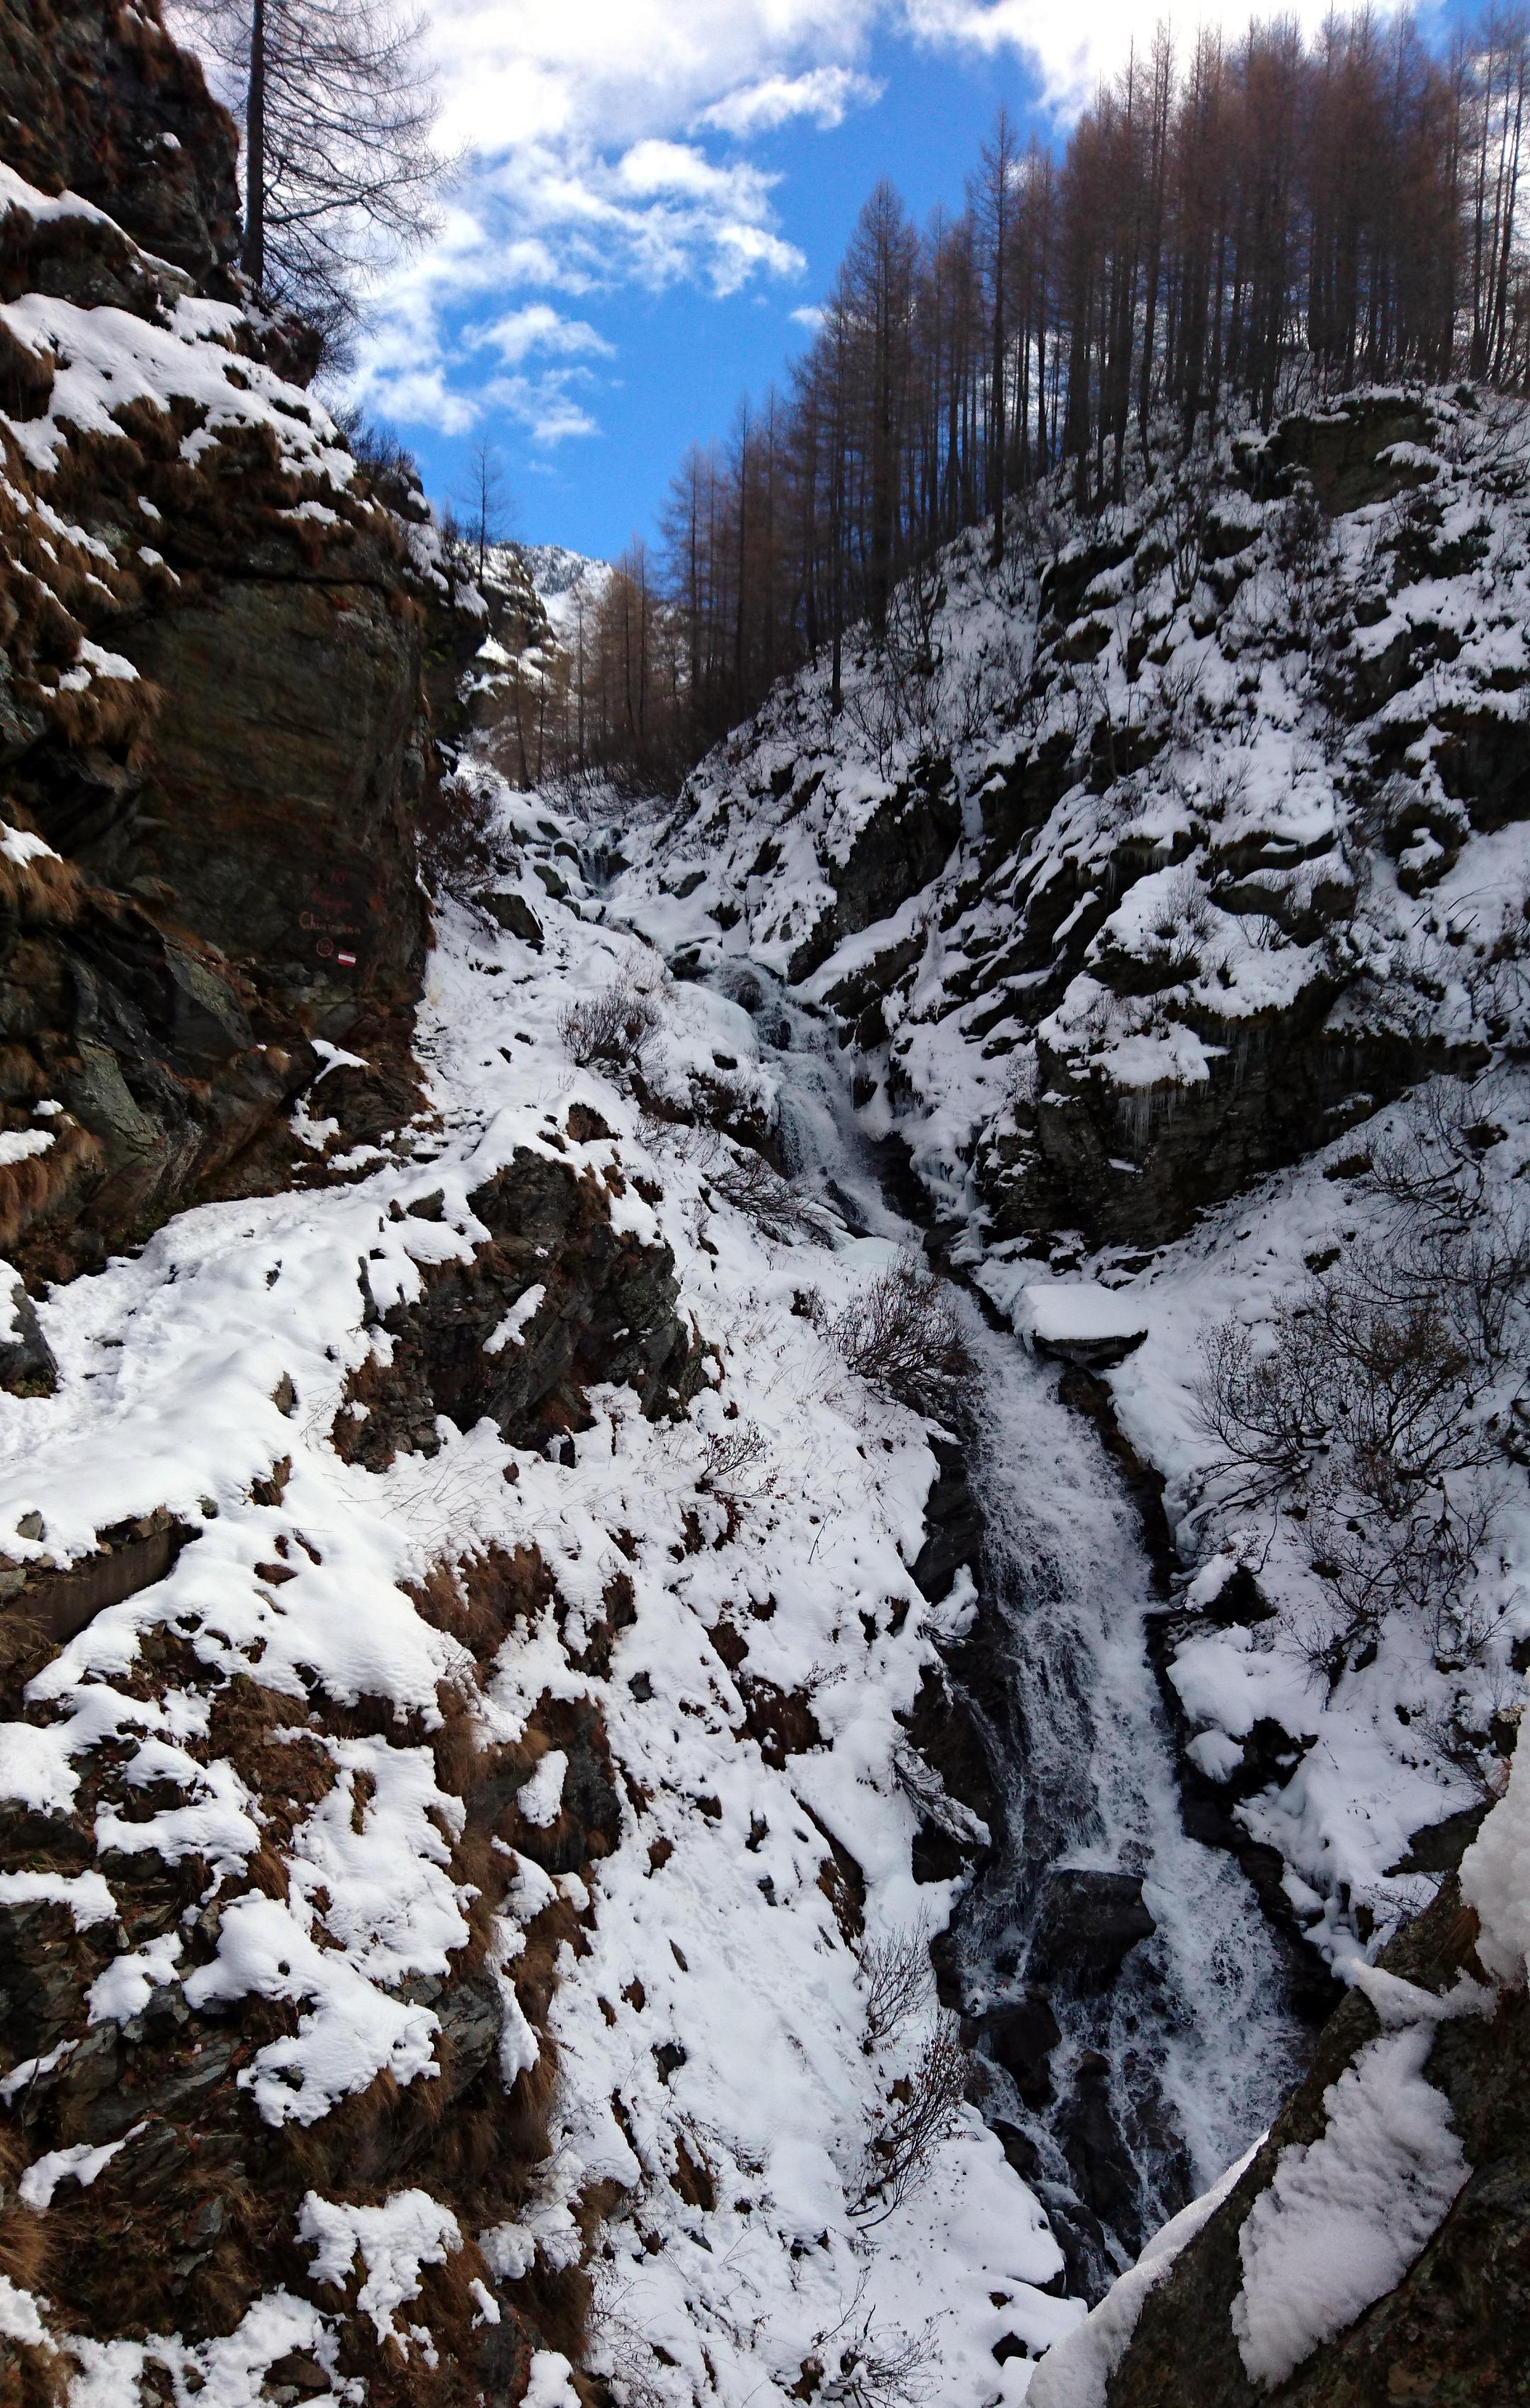 Giunti al termine della risalita verticale per tornanti, c'è da attraversare accanto a questa bella cascata